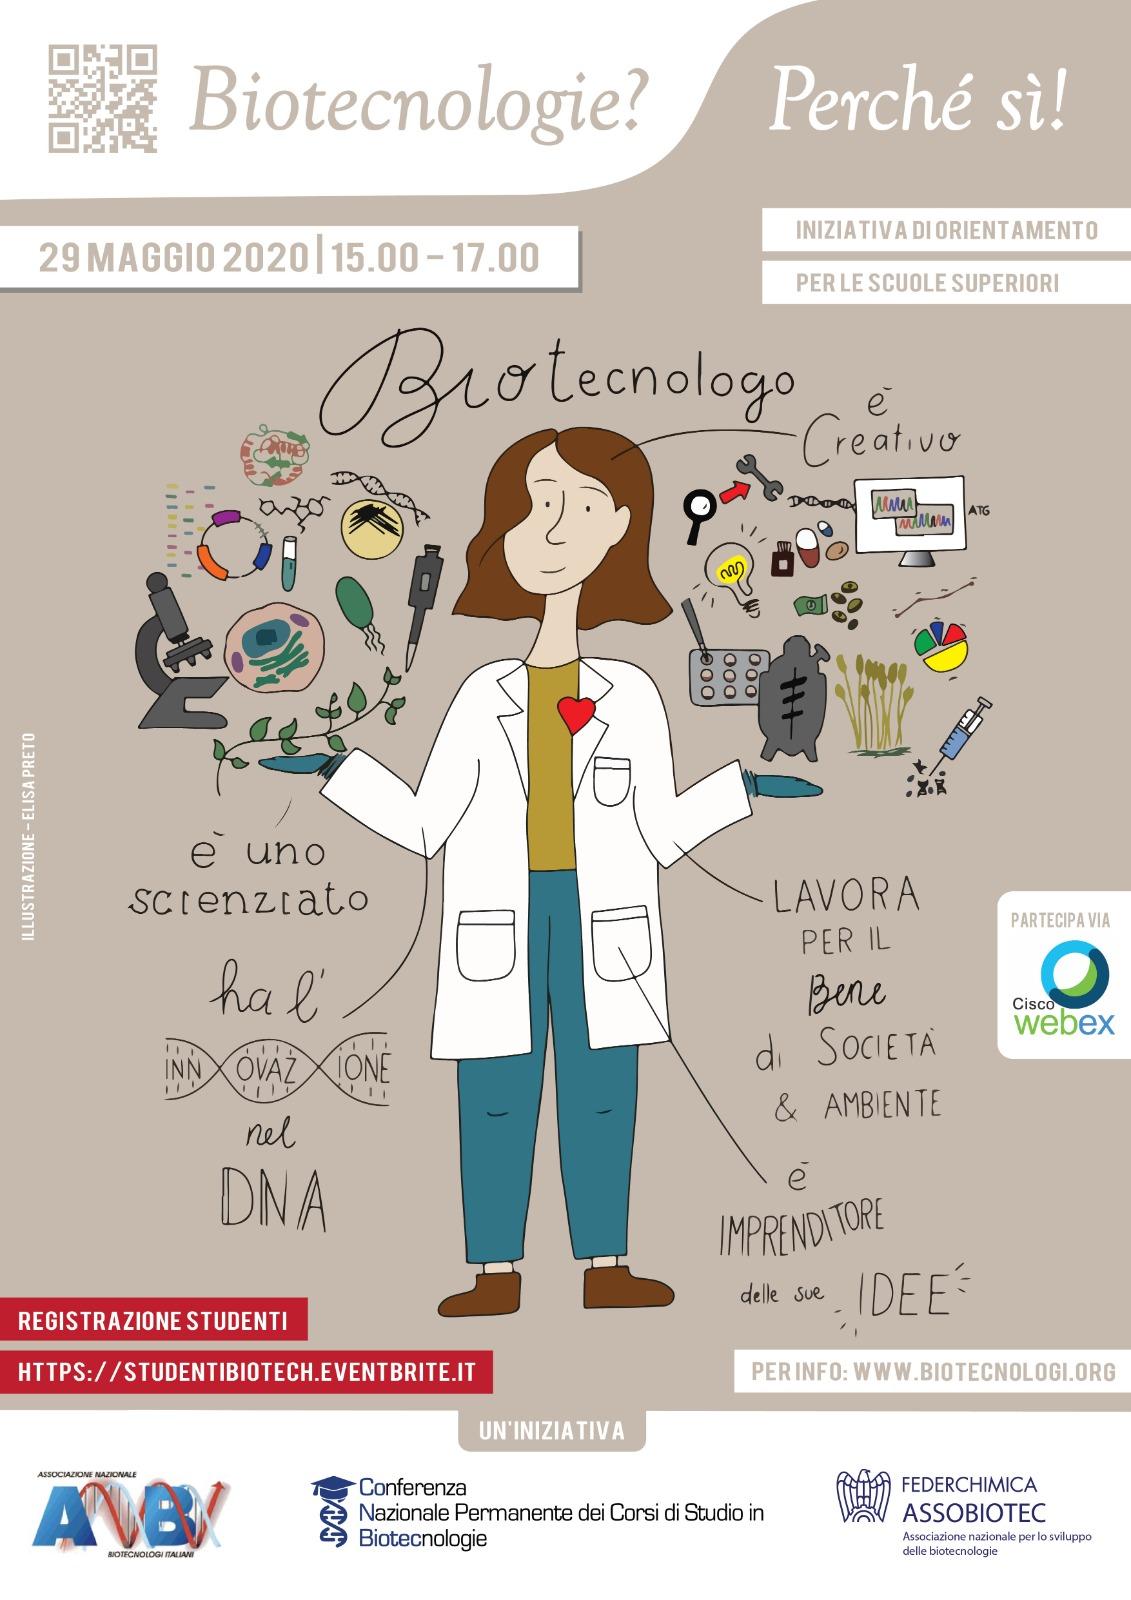 Biotecnologie si grazie studenti